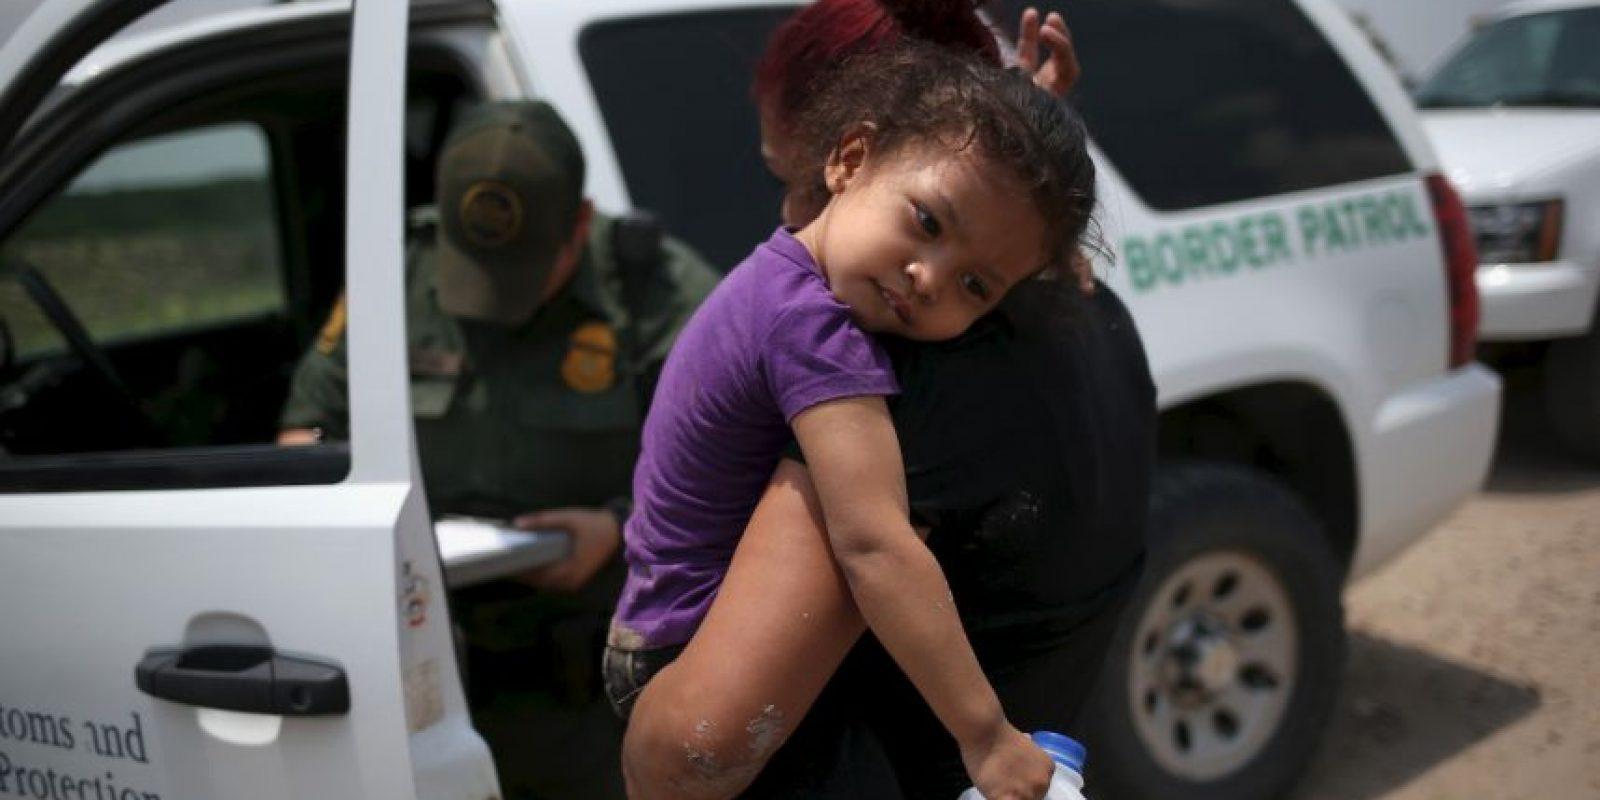 Datos sobre el maltrato infantil que deben conocer. Foto:vía Getty Images